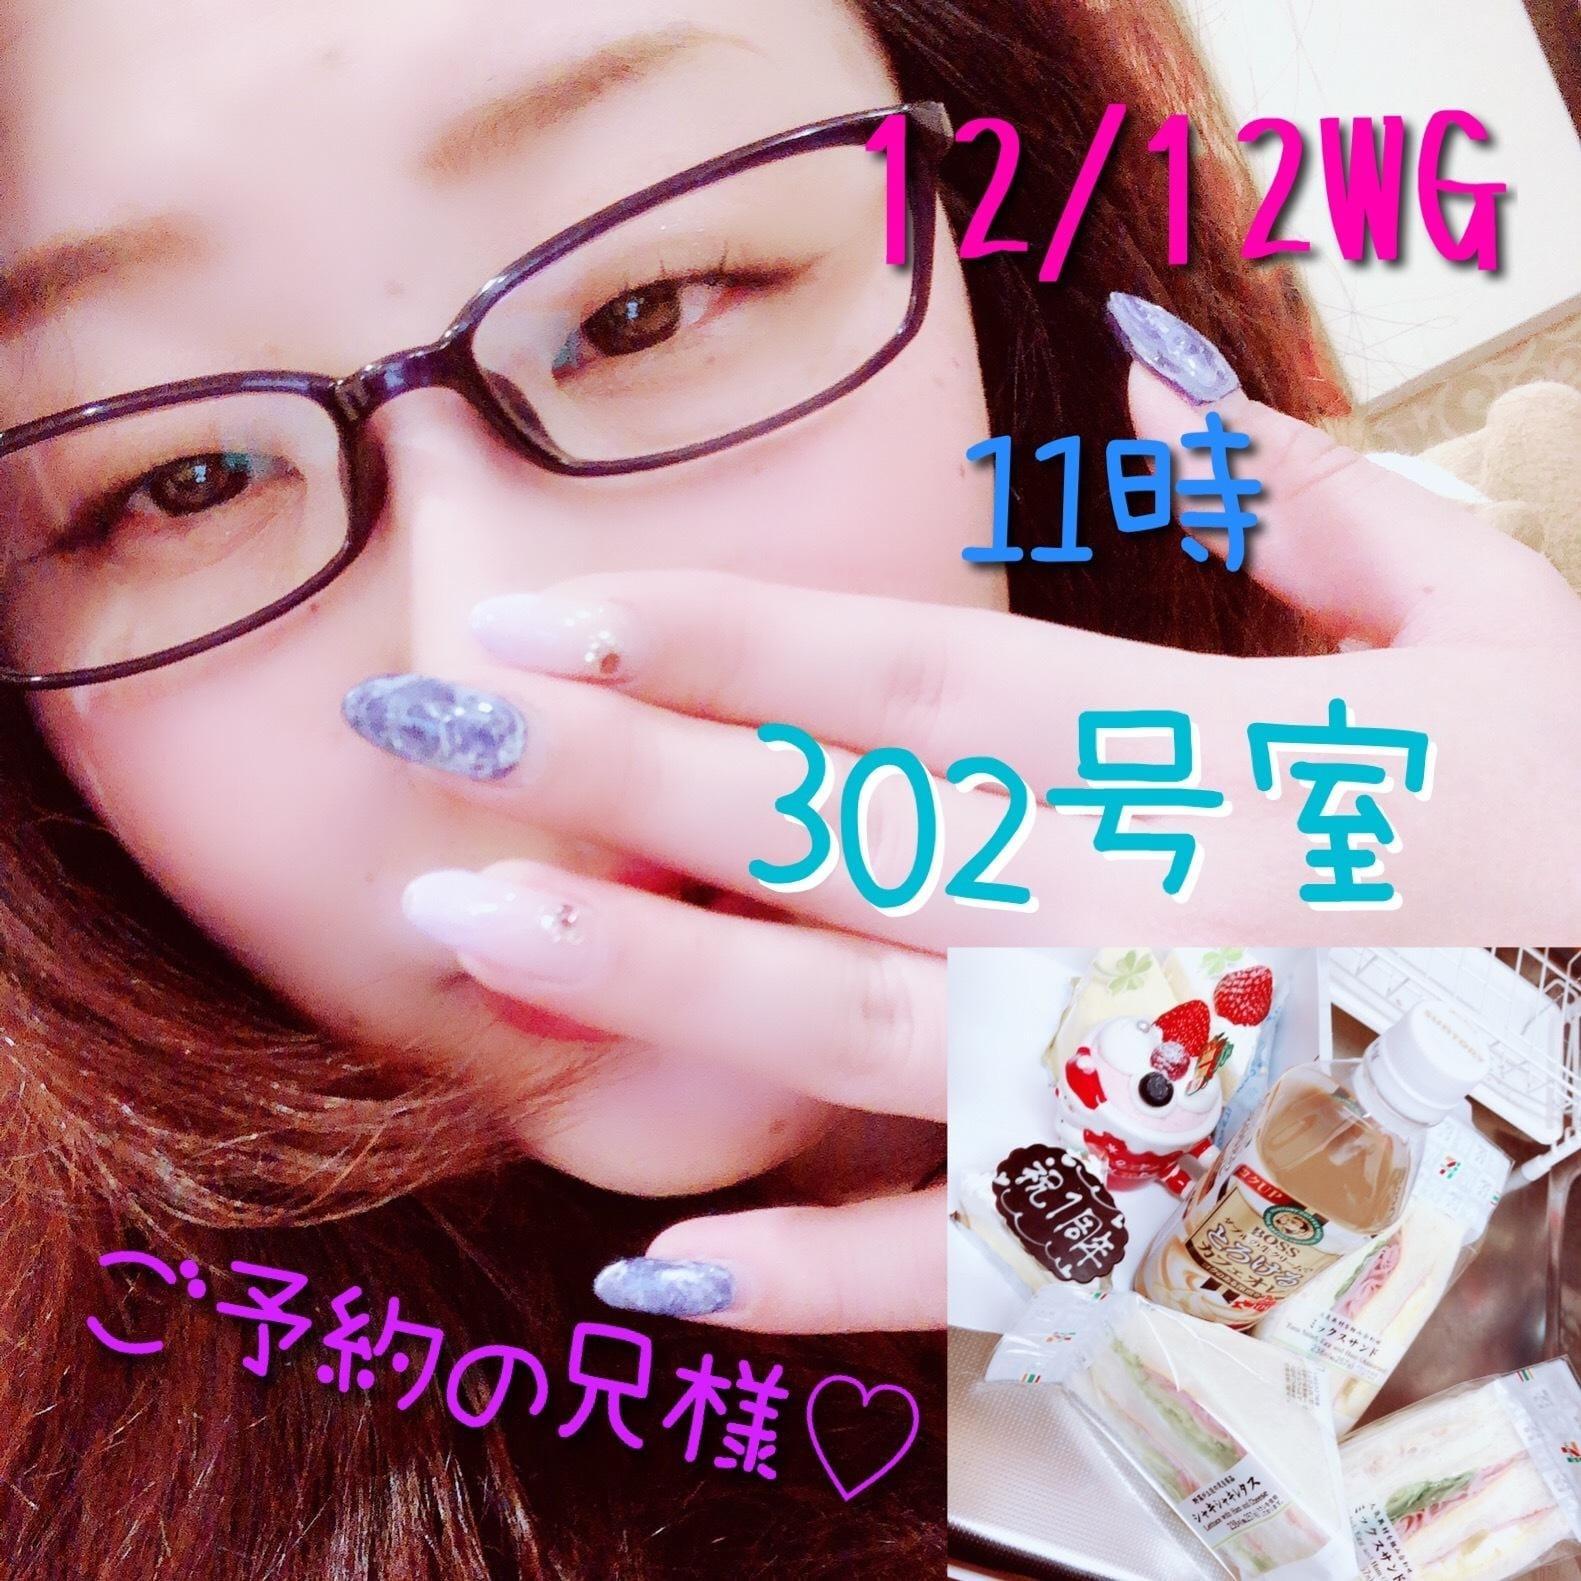 まみ「12/12WG11時ご予約の兄様?」12/12(水) 14:27 | まみの写メ・風俗動画